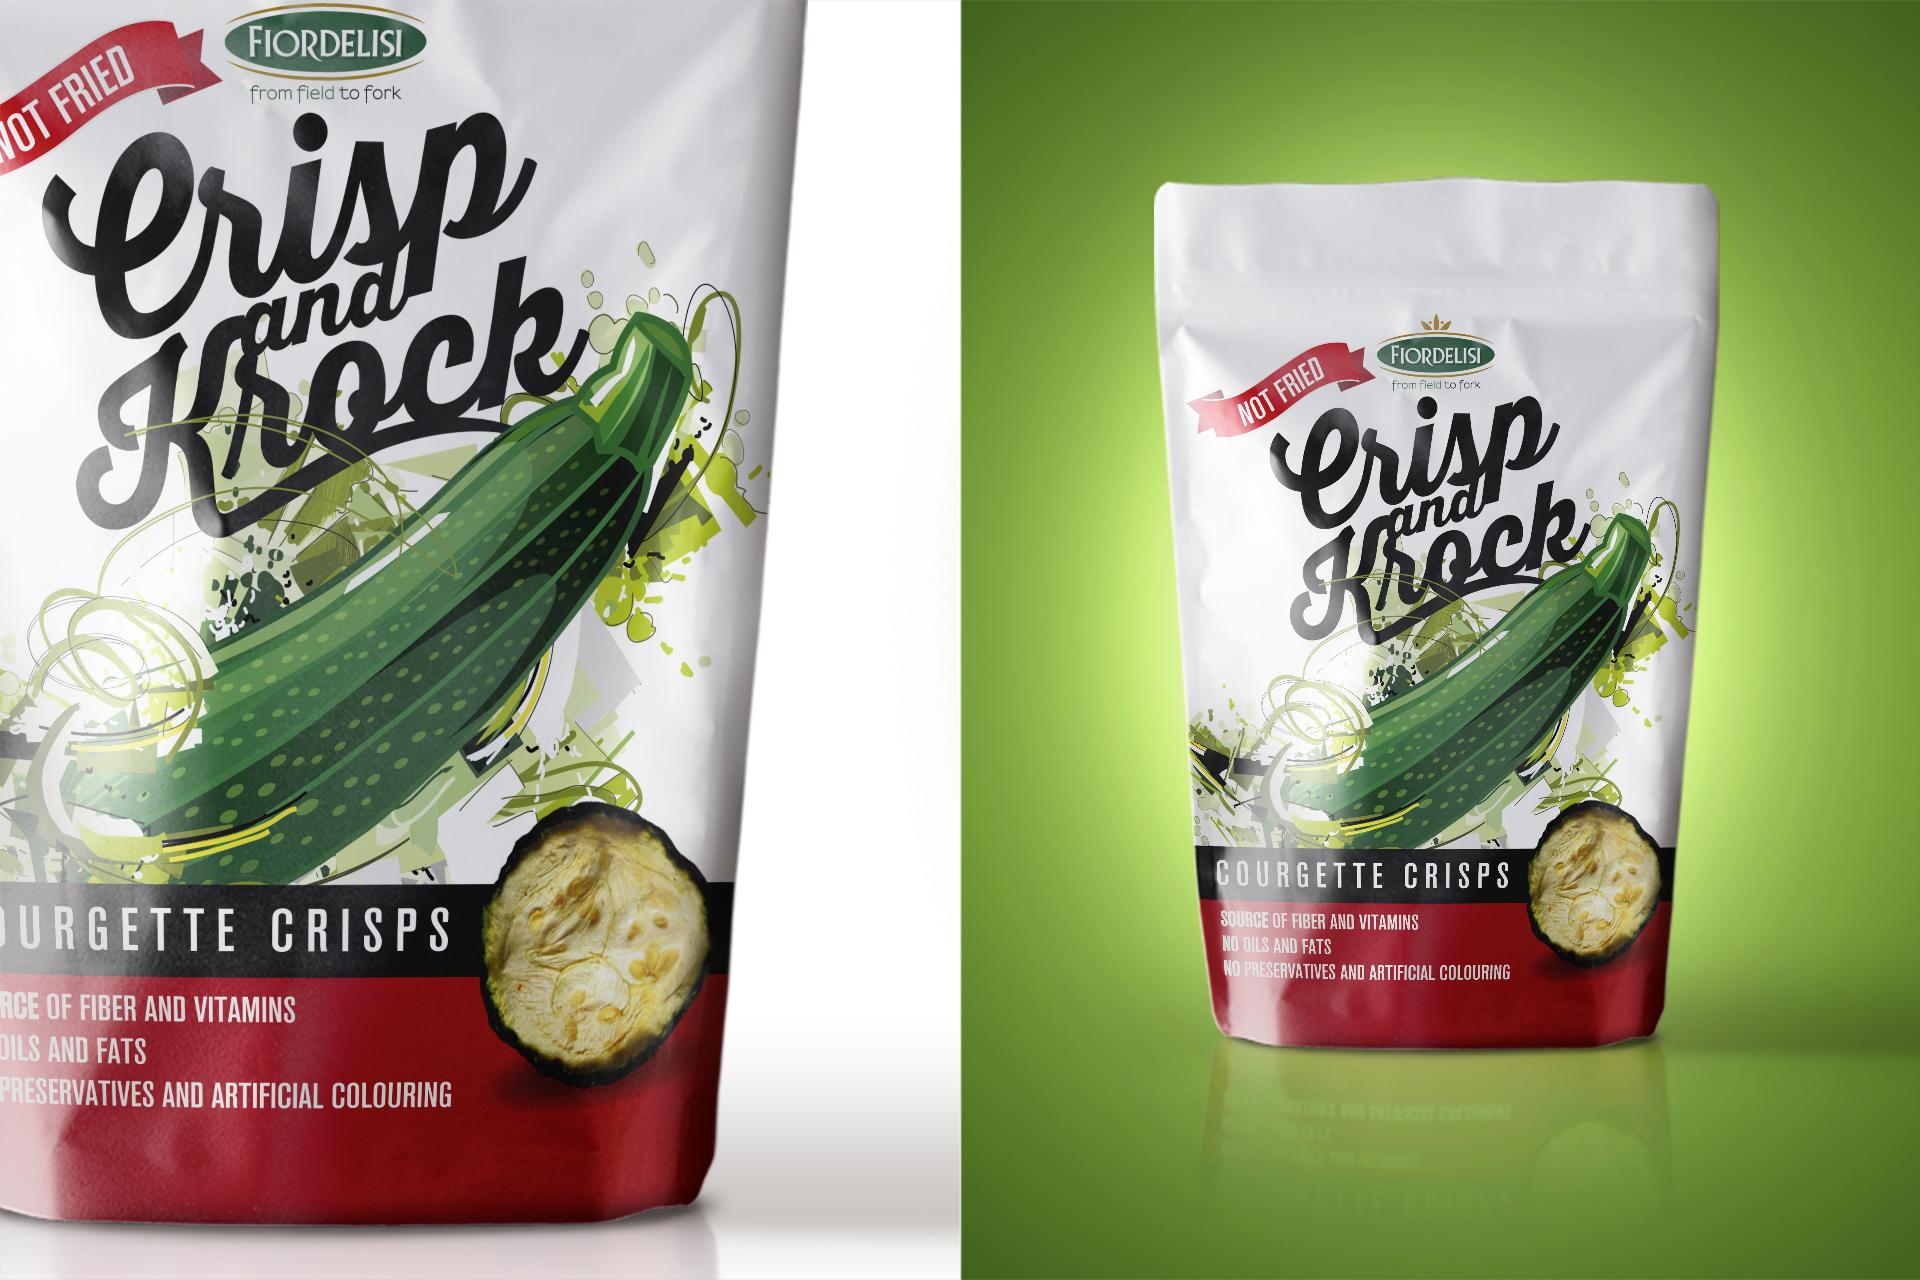 pack-dettaglio-zucchine